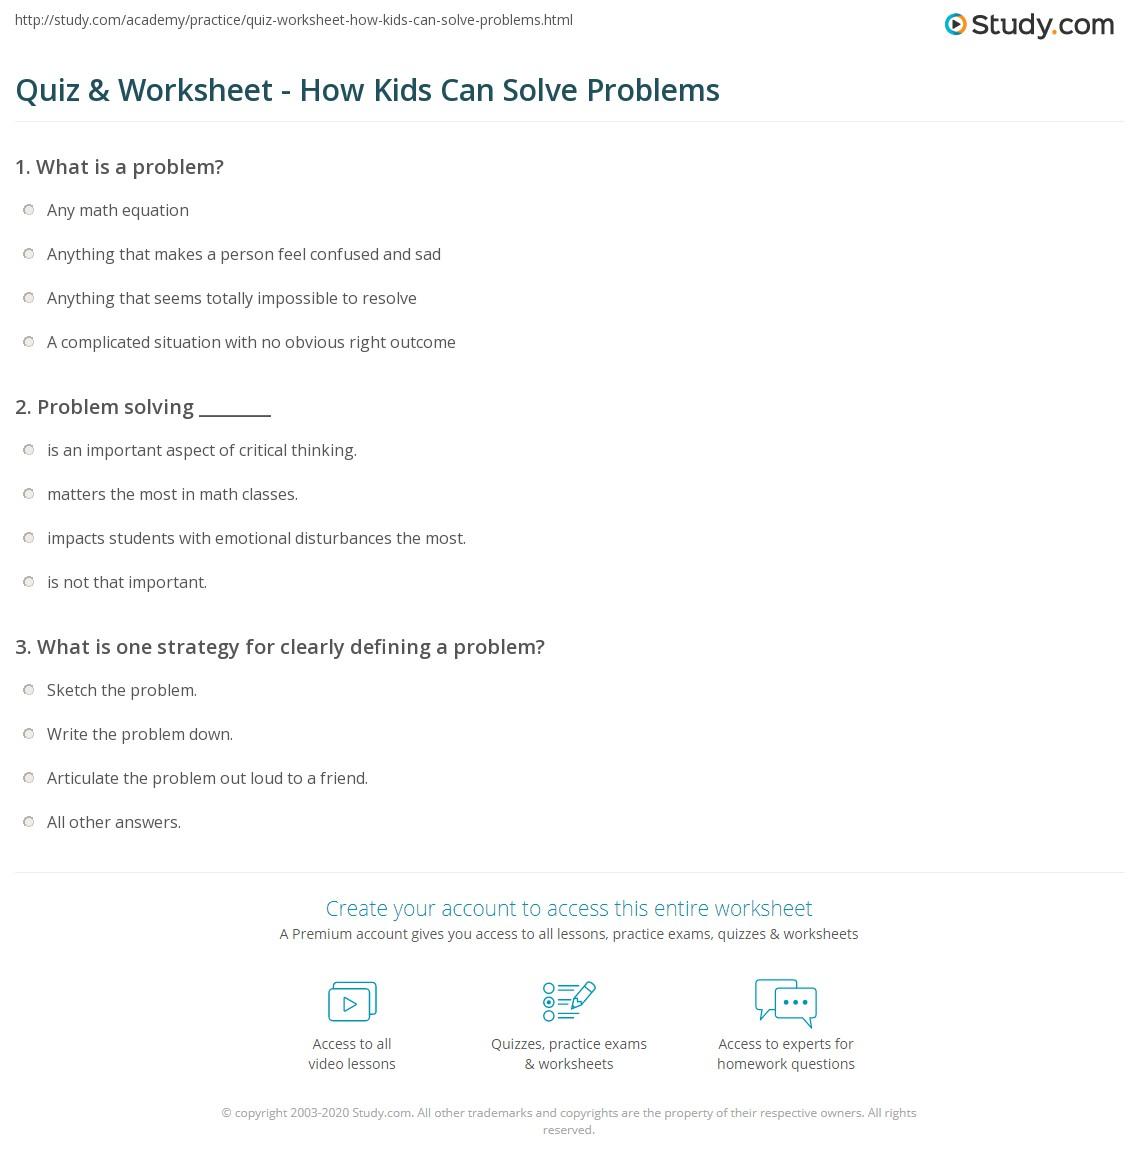 Worksheets Problem Solving Worksheets For Kids quiz worksheet how kids can solve problems study com print problem solving skills for worksheet